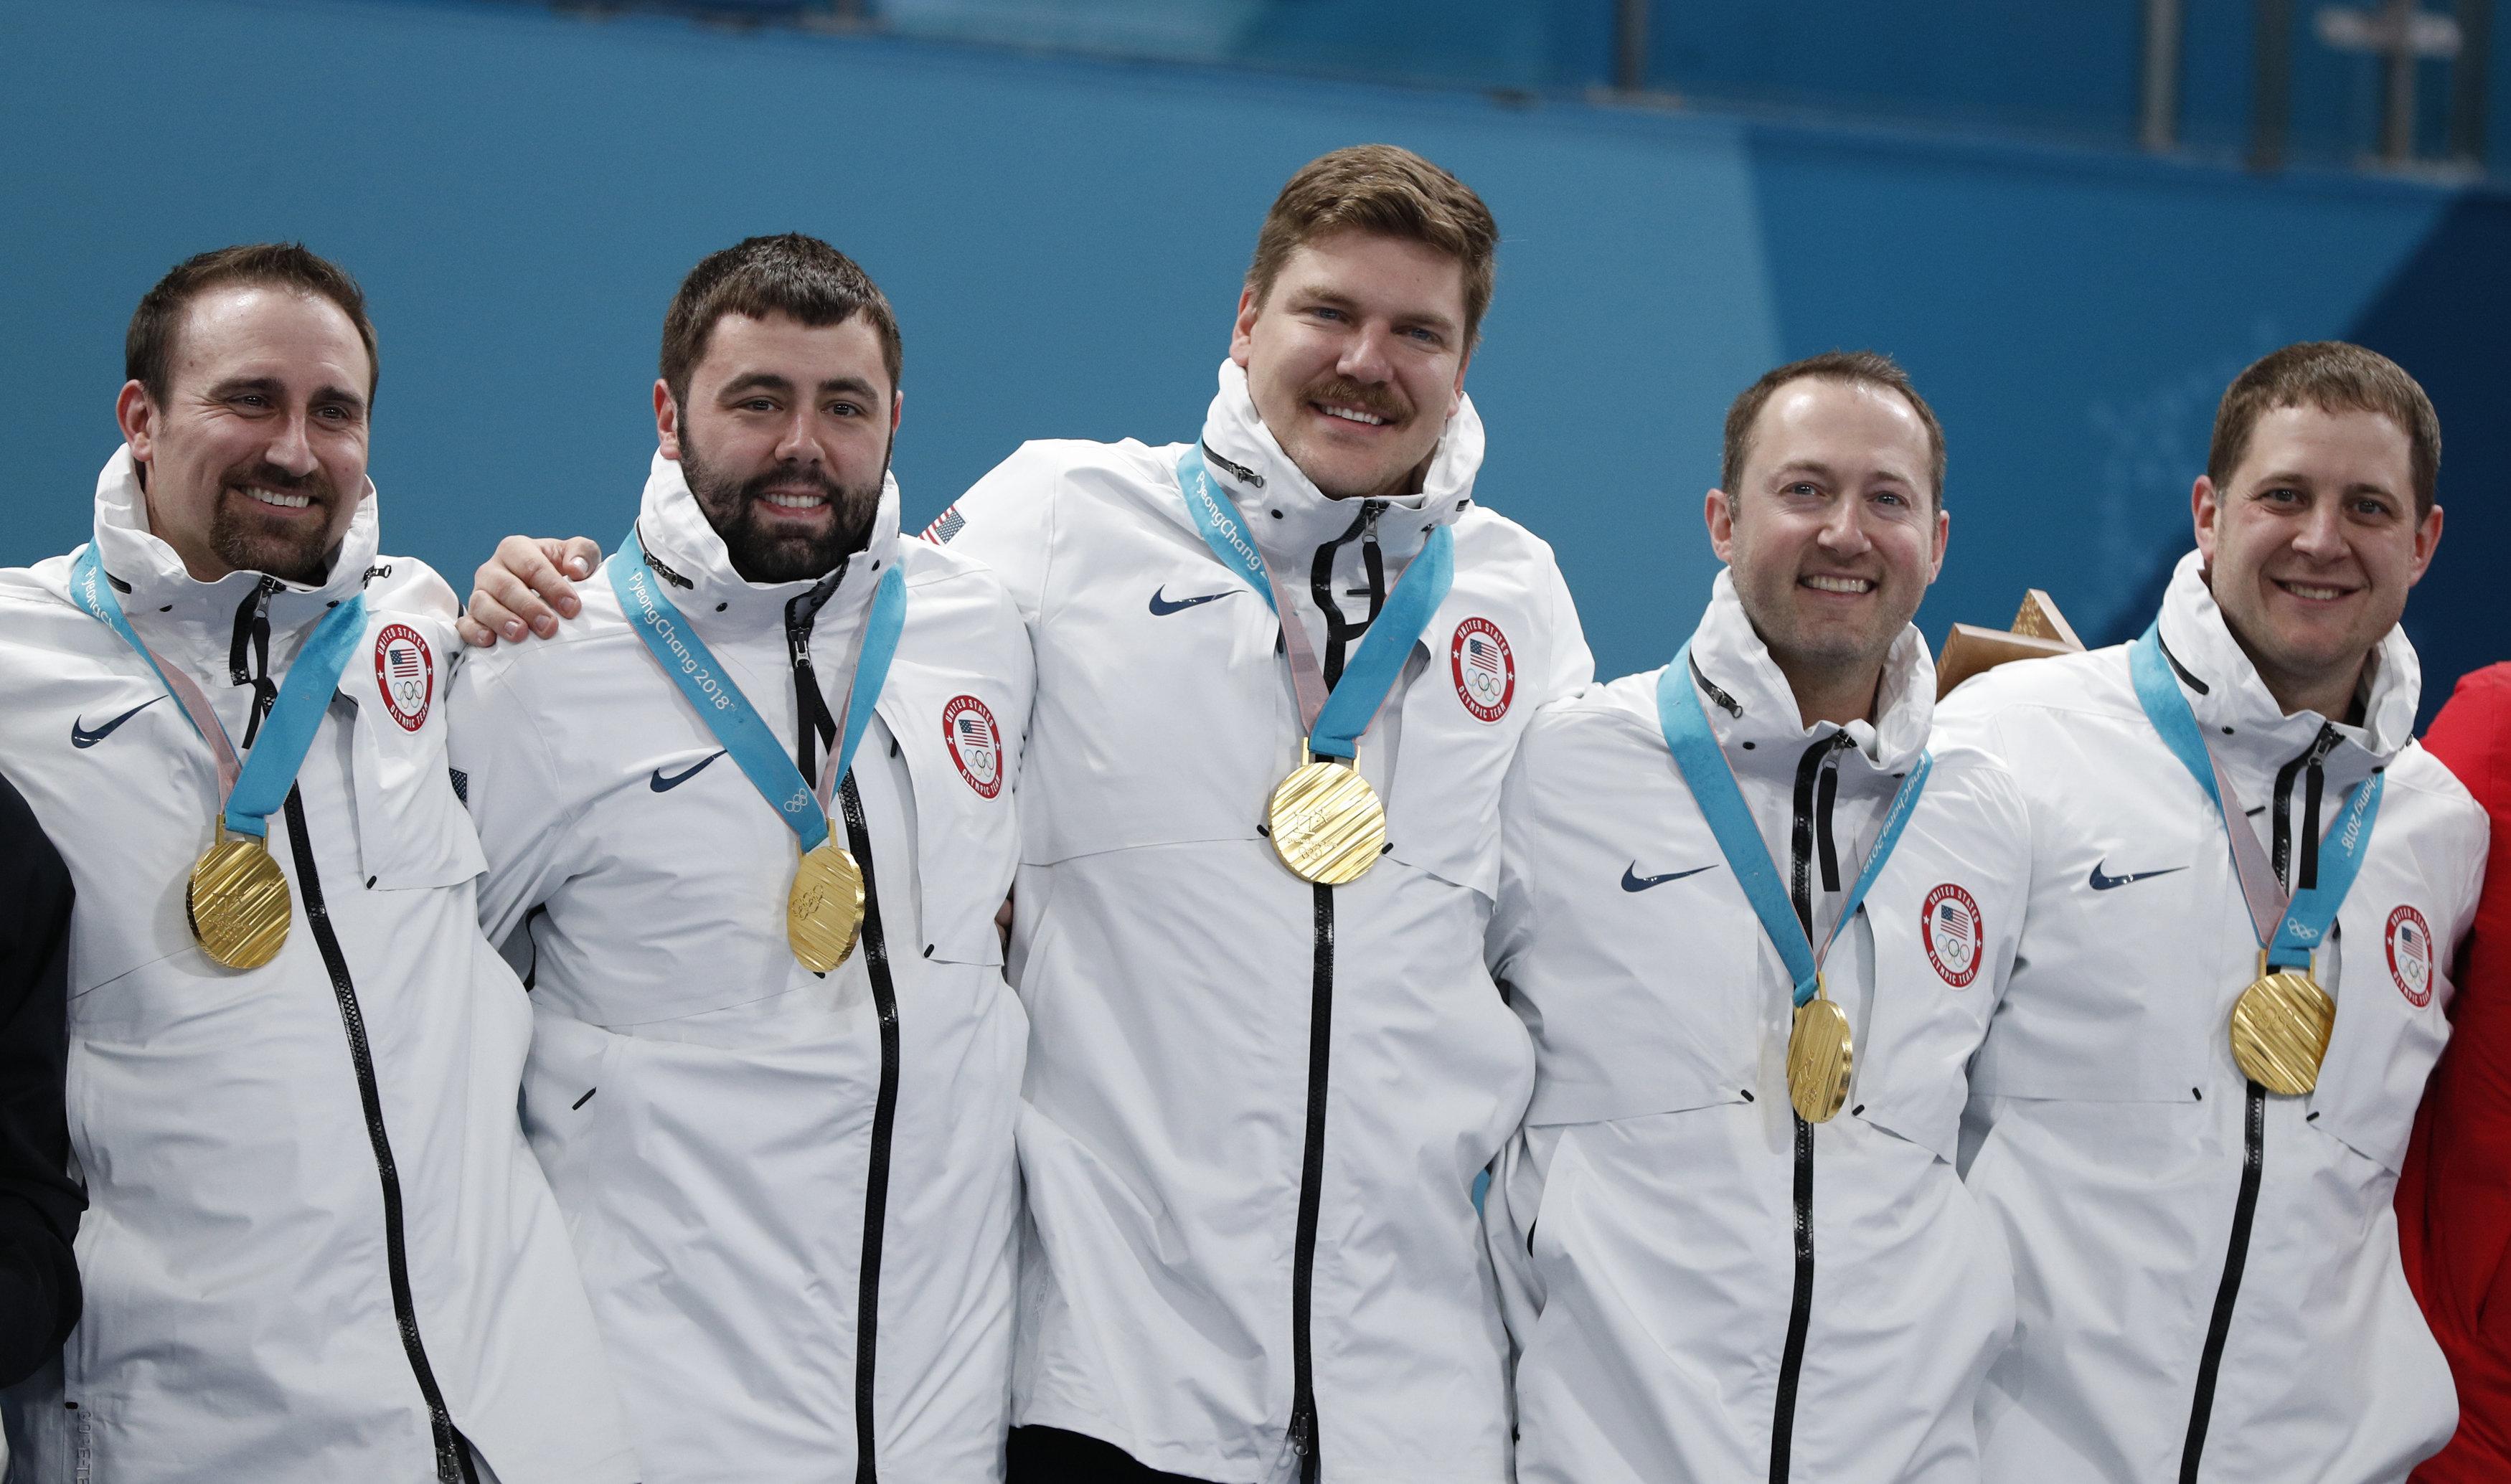 Joe Polo, John Landsteiner, Matt Hamilton, Tyler George and skip John Shuster won gold for Team USA in the men's curling even